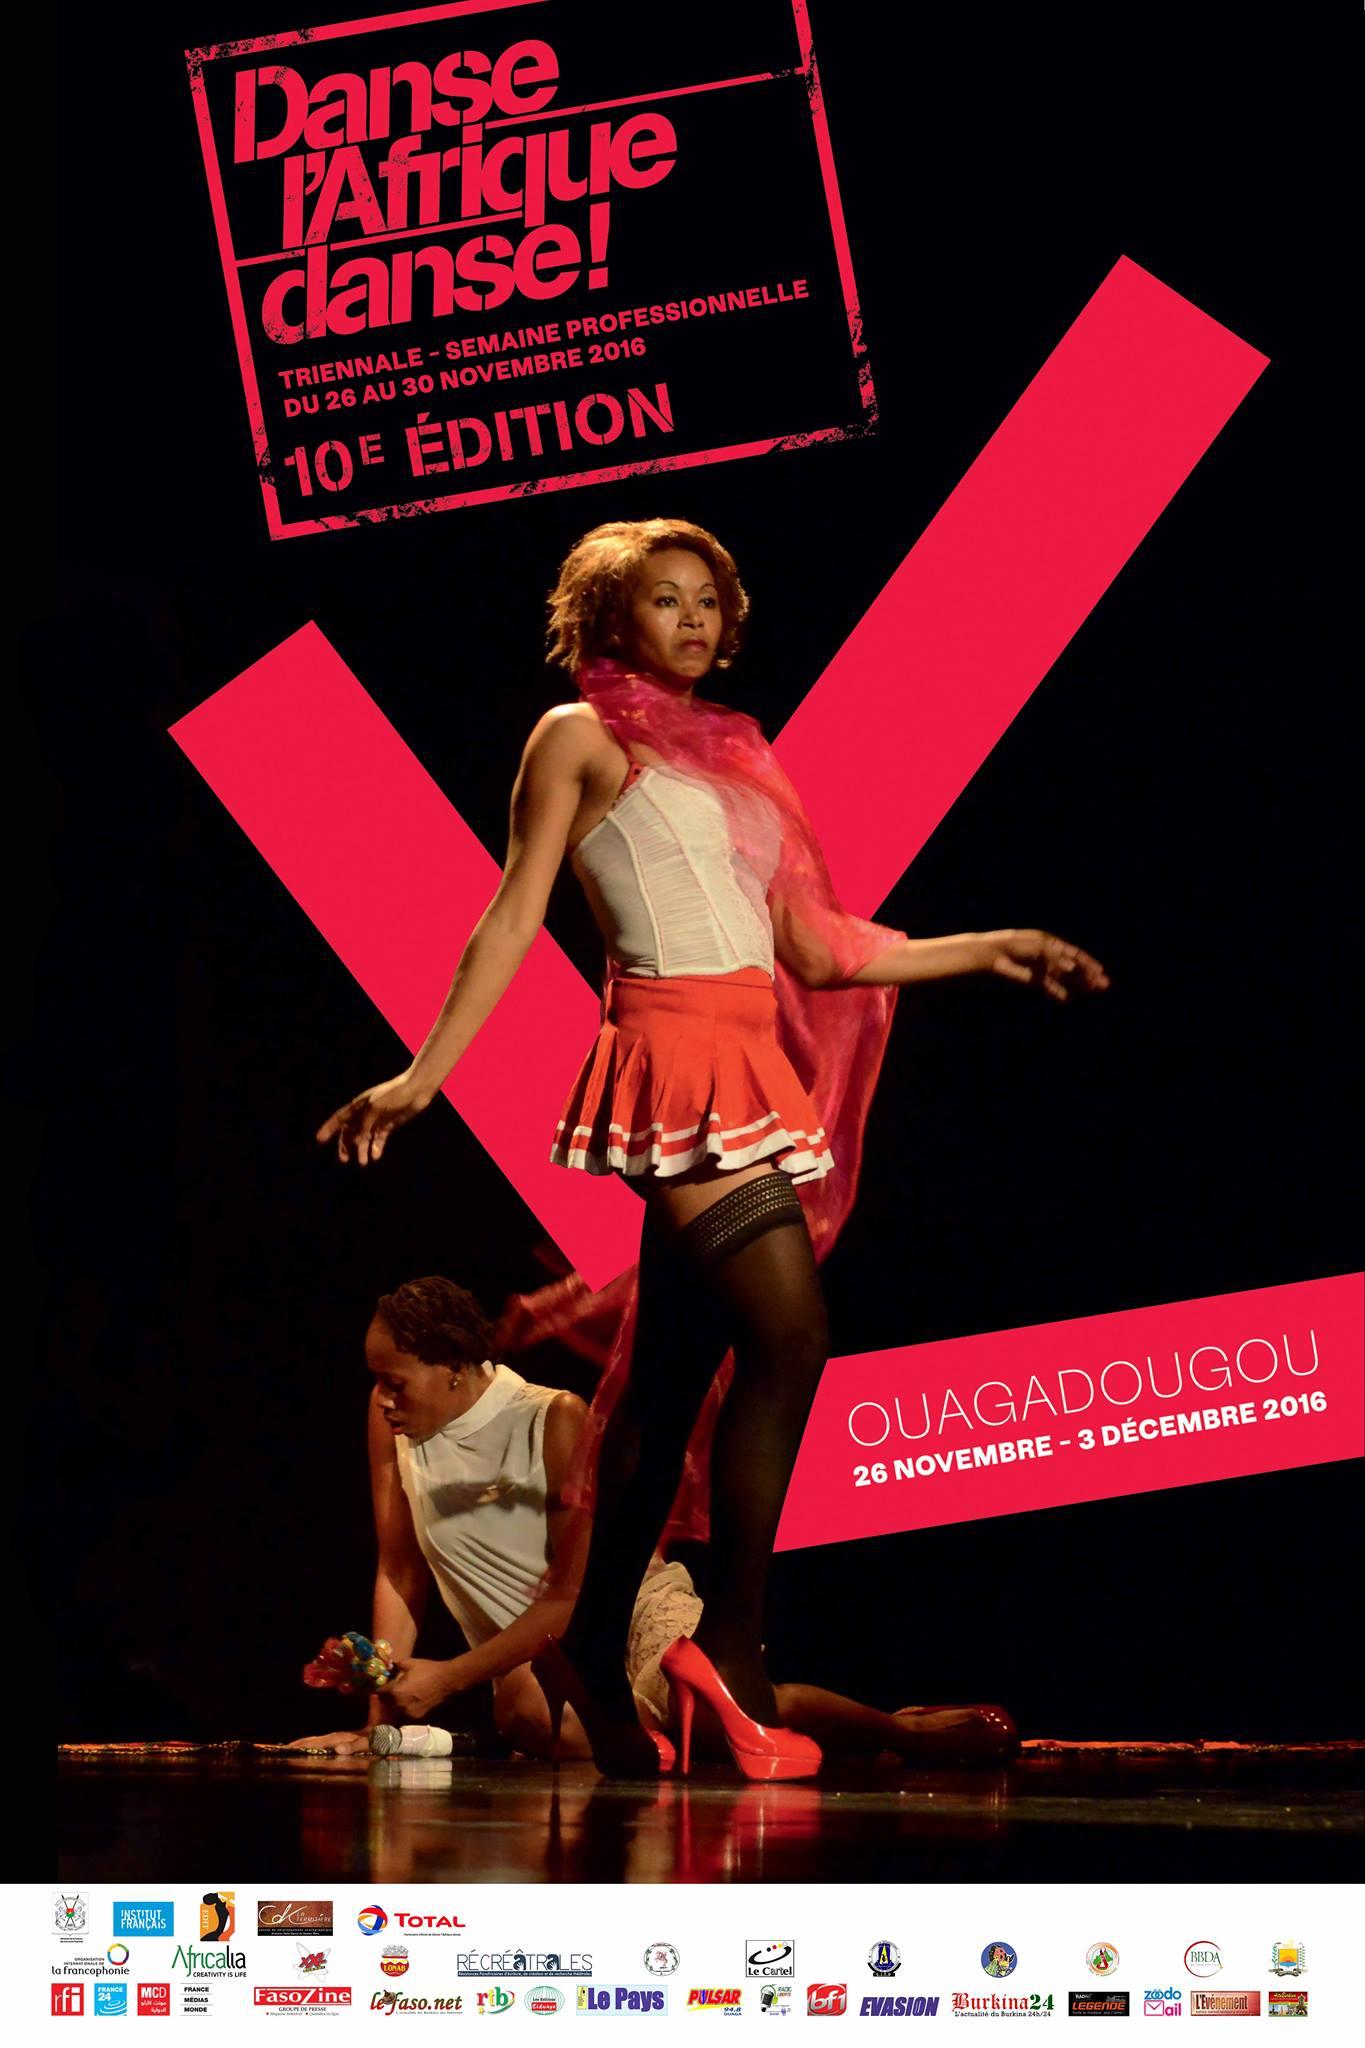 Danse l'Afrique Danse! – Triennale de Ouagadougou du 26 au 30 novembre 2016